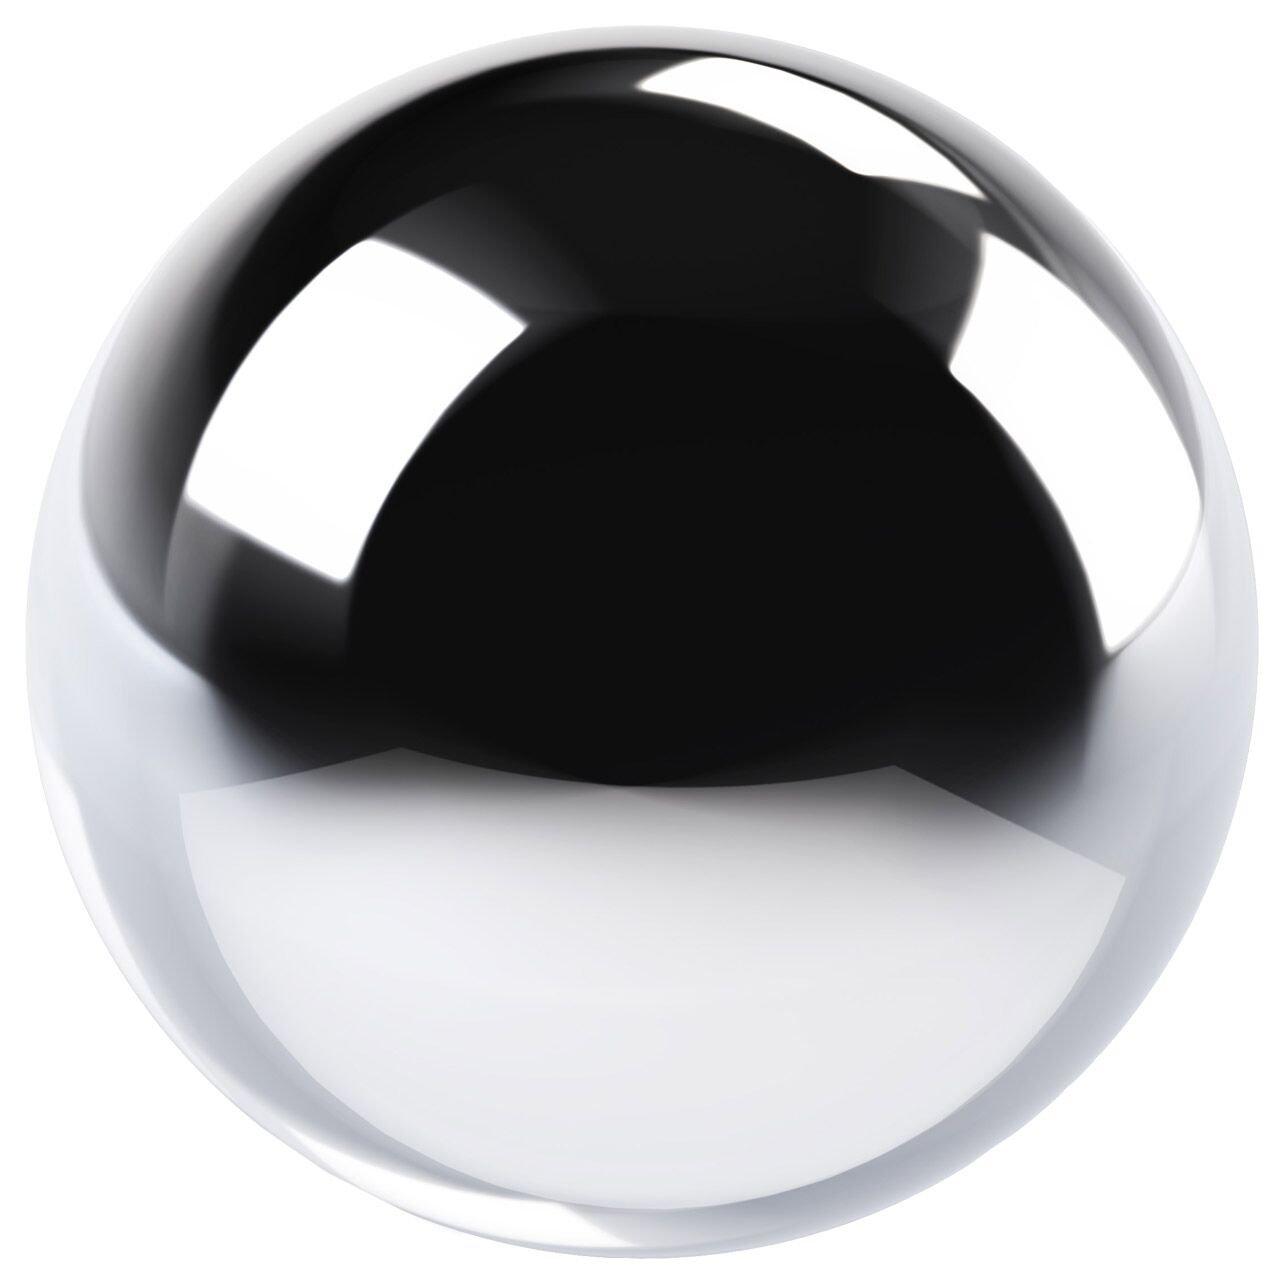 Lavagna LED Schoolhouse Pendant - Chrome w/Clear Glass Shade - Linea di Liara LL-P272-PC by Linea di Liara (Image #2)